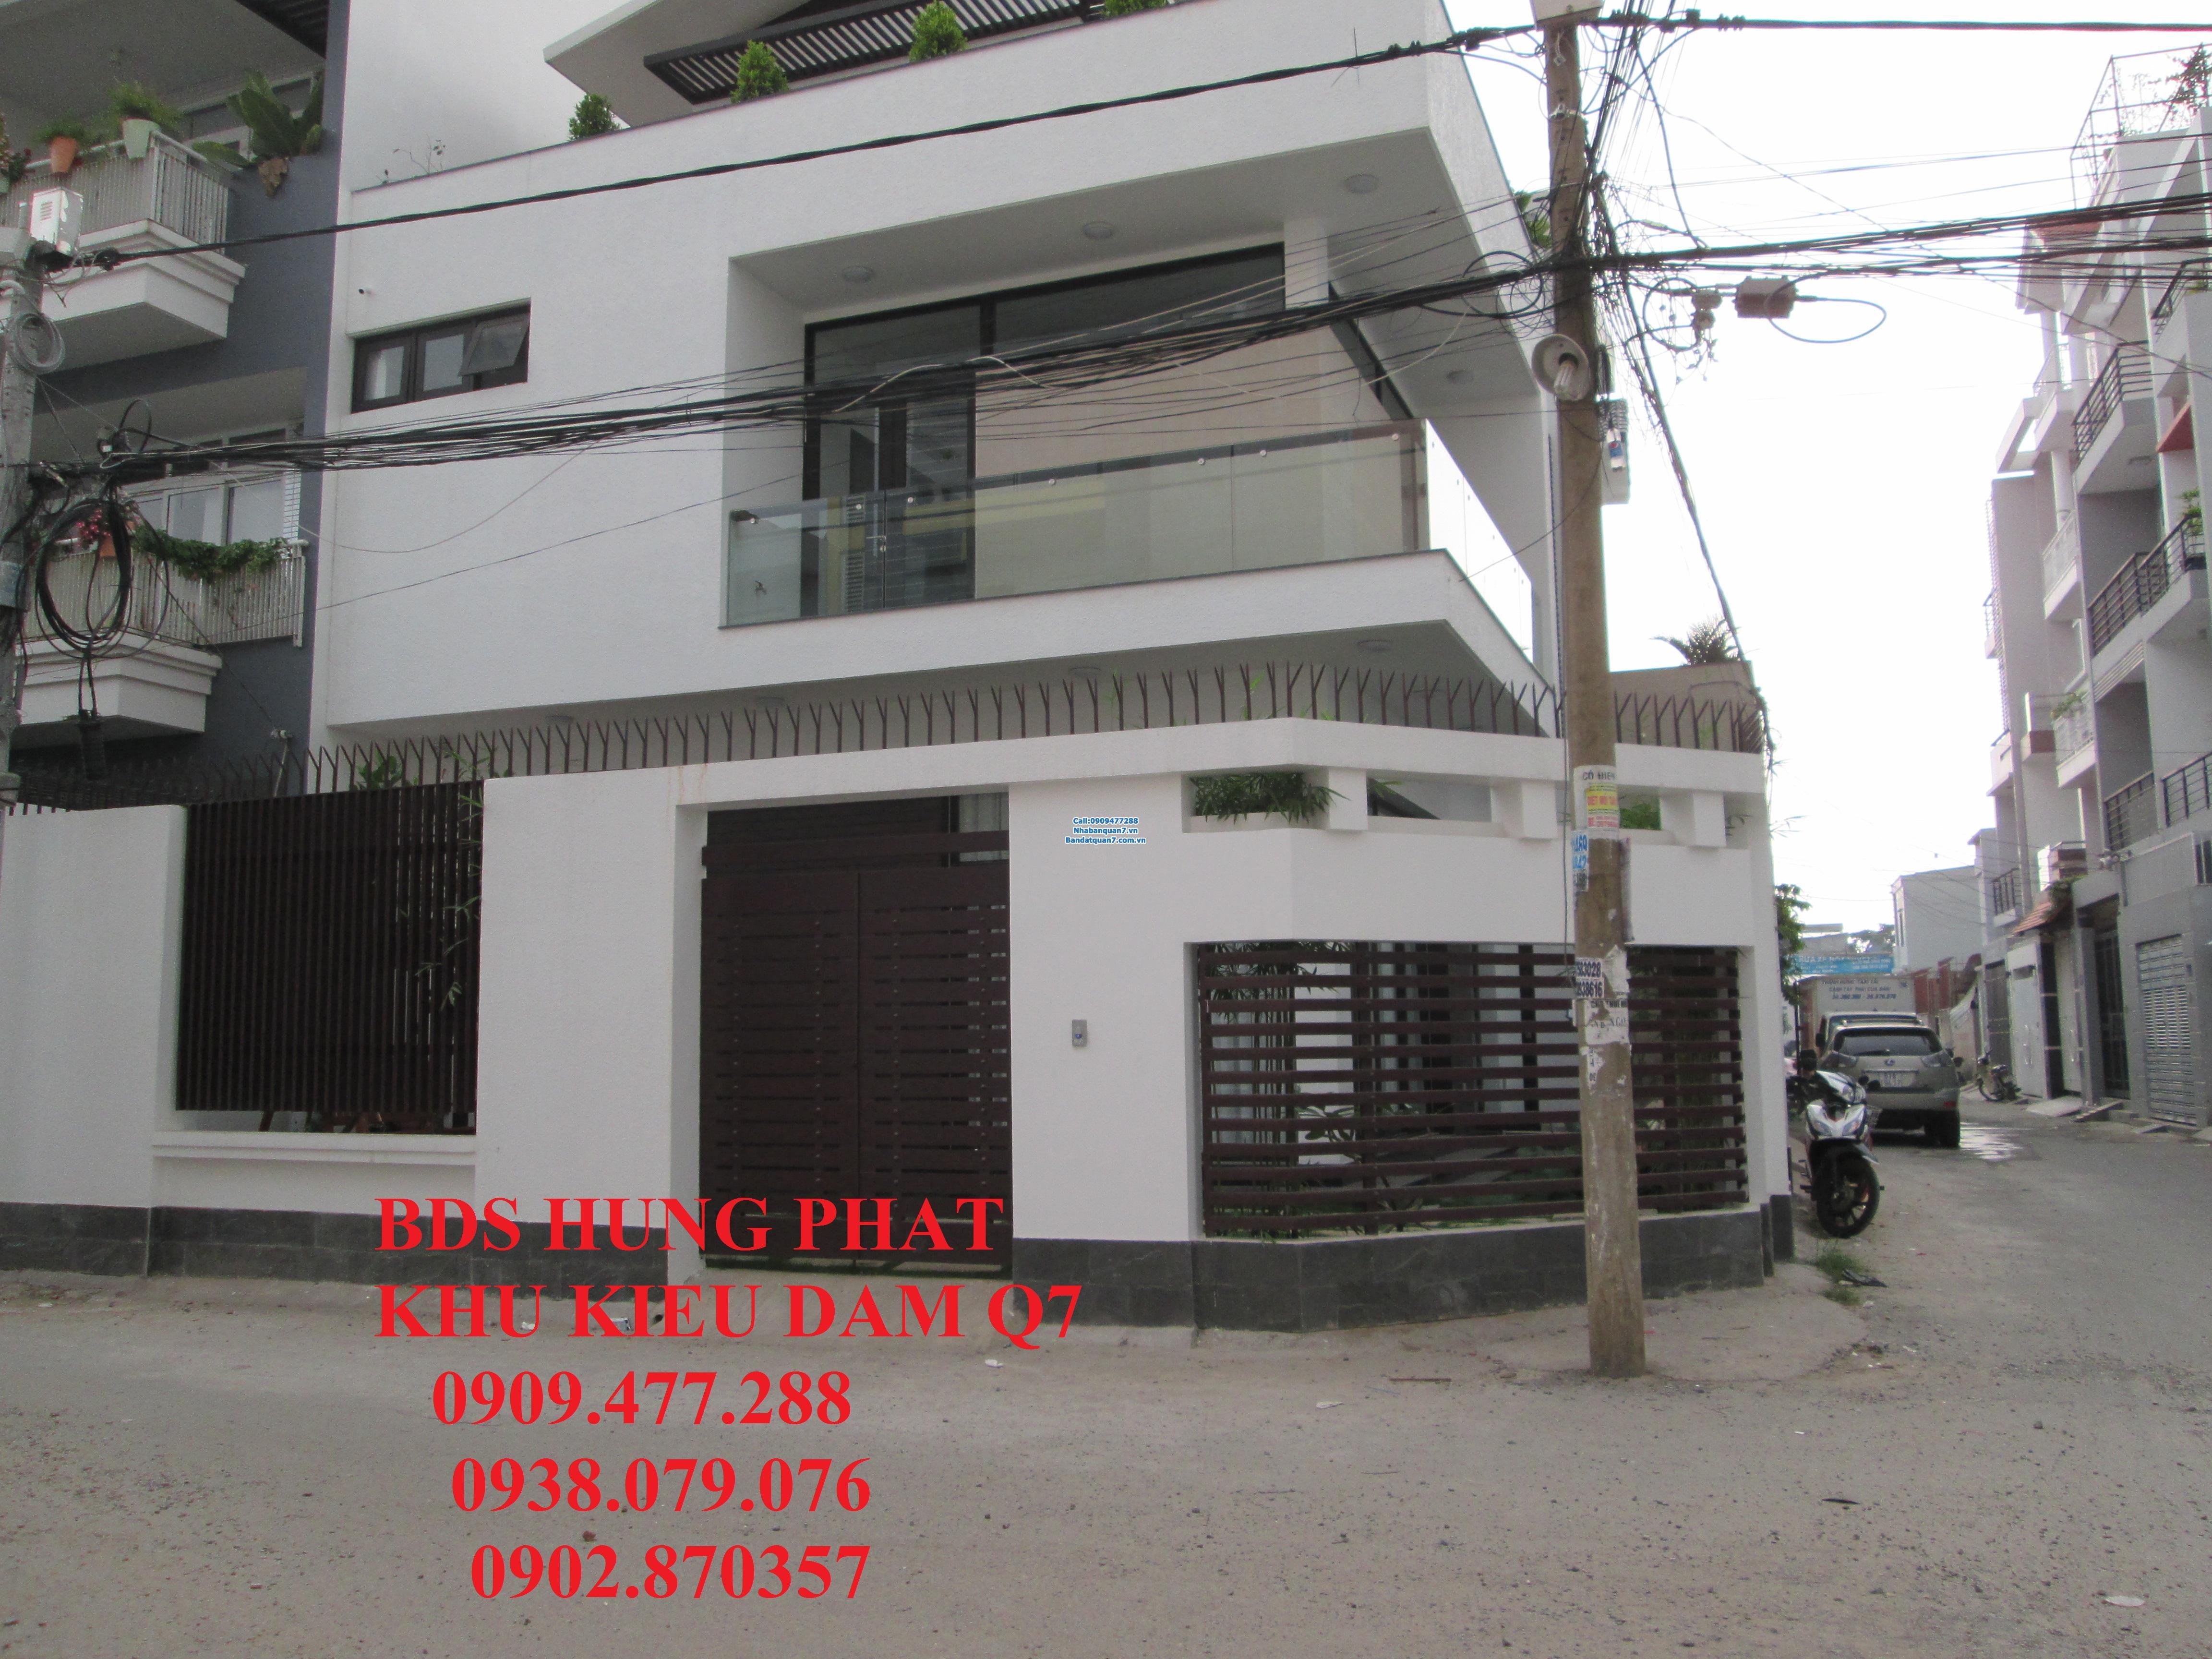 Cần bán gấp lô đất dự án Kim Sơn, lô A102, diện tích 5m x 20m, hướng Tây, giá bán 42tr/m2